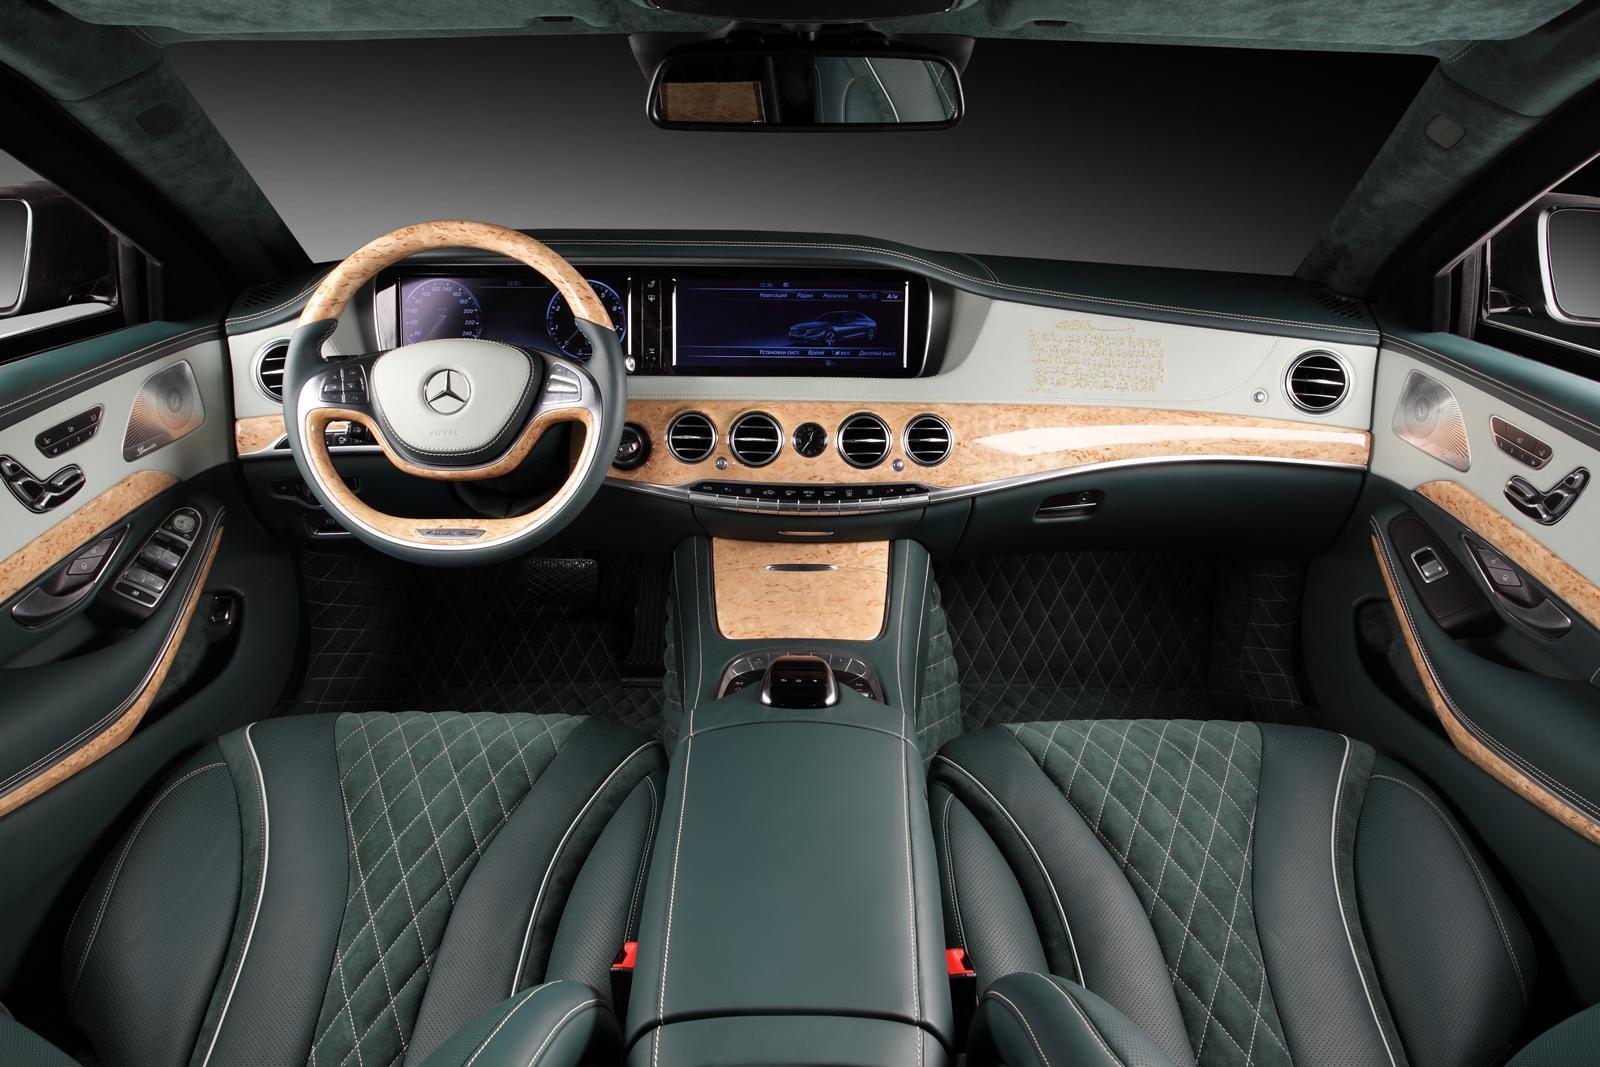 Mercedes Benz S600 Guard Interior Becomes Arab Story Via Topcar